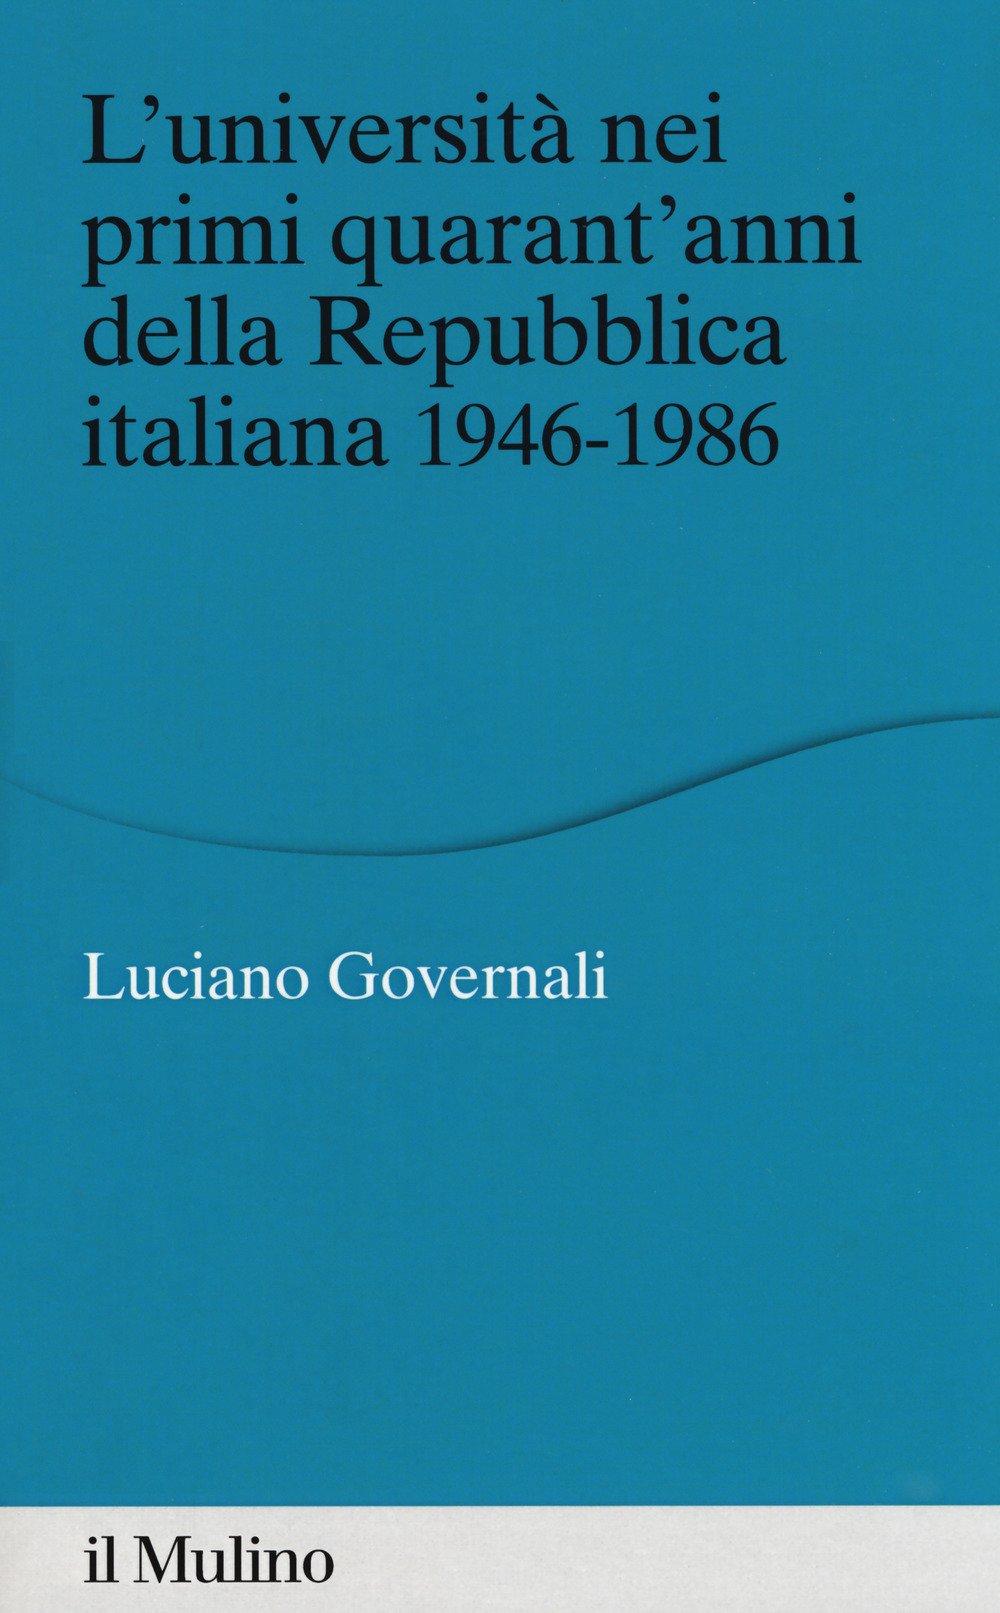 L'università nei primi quarant'anni della Repubblica italiana 1946-1986